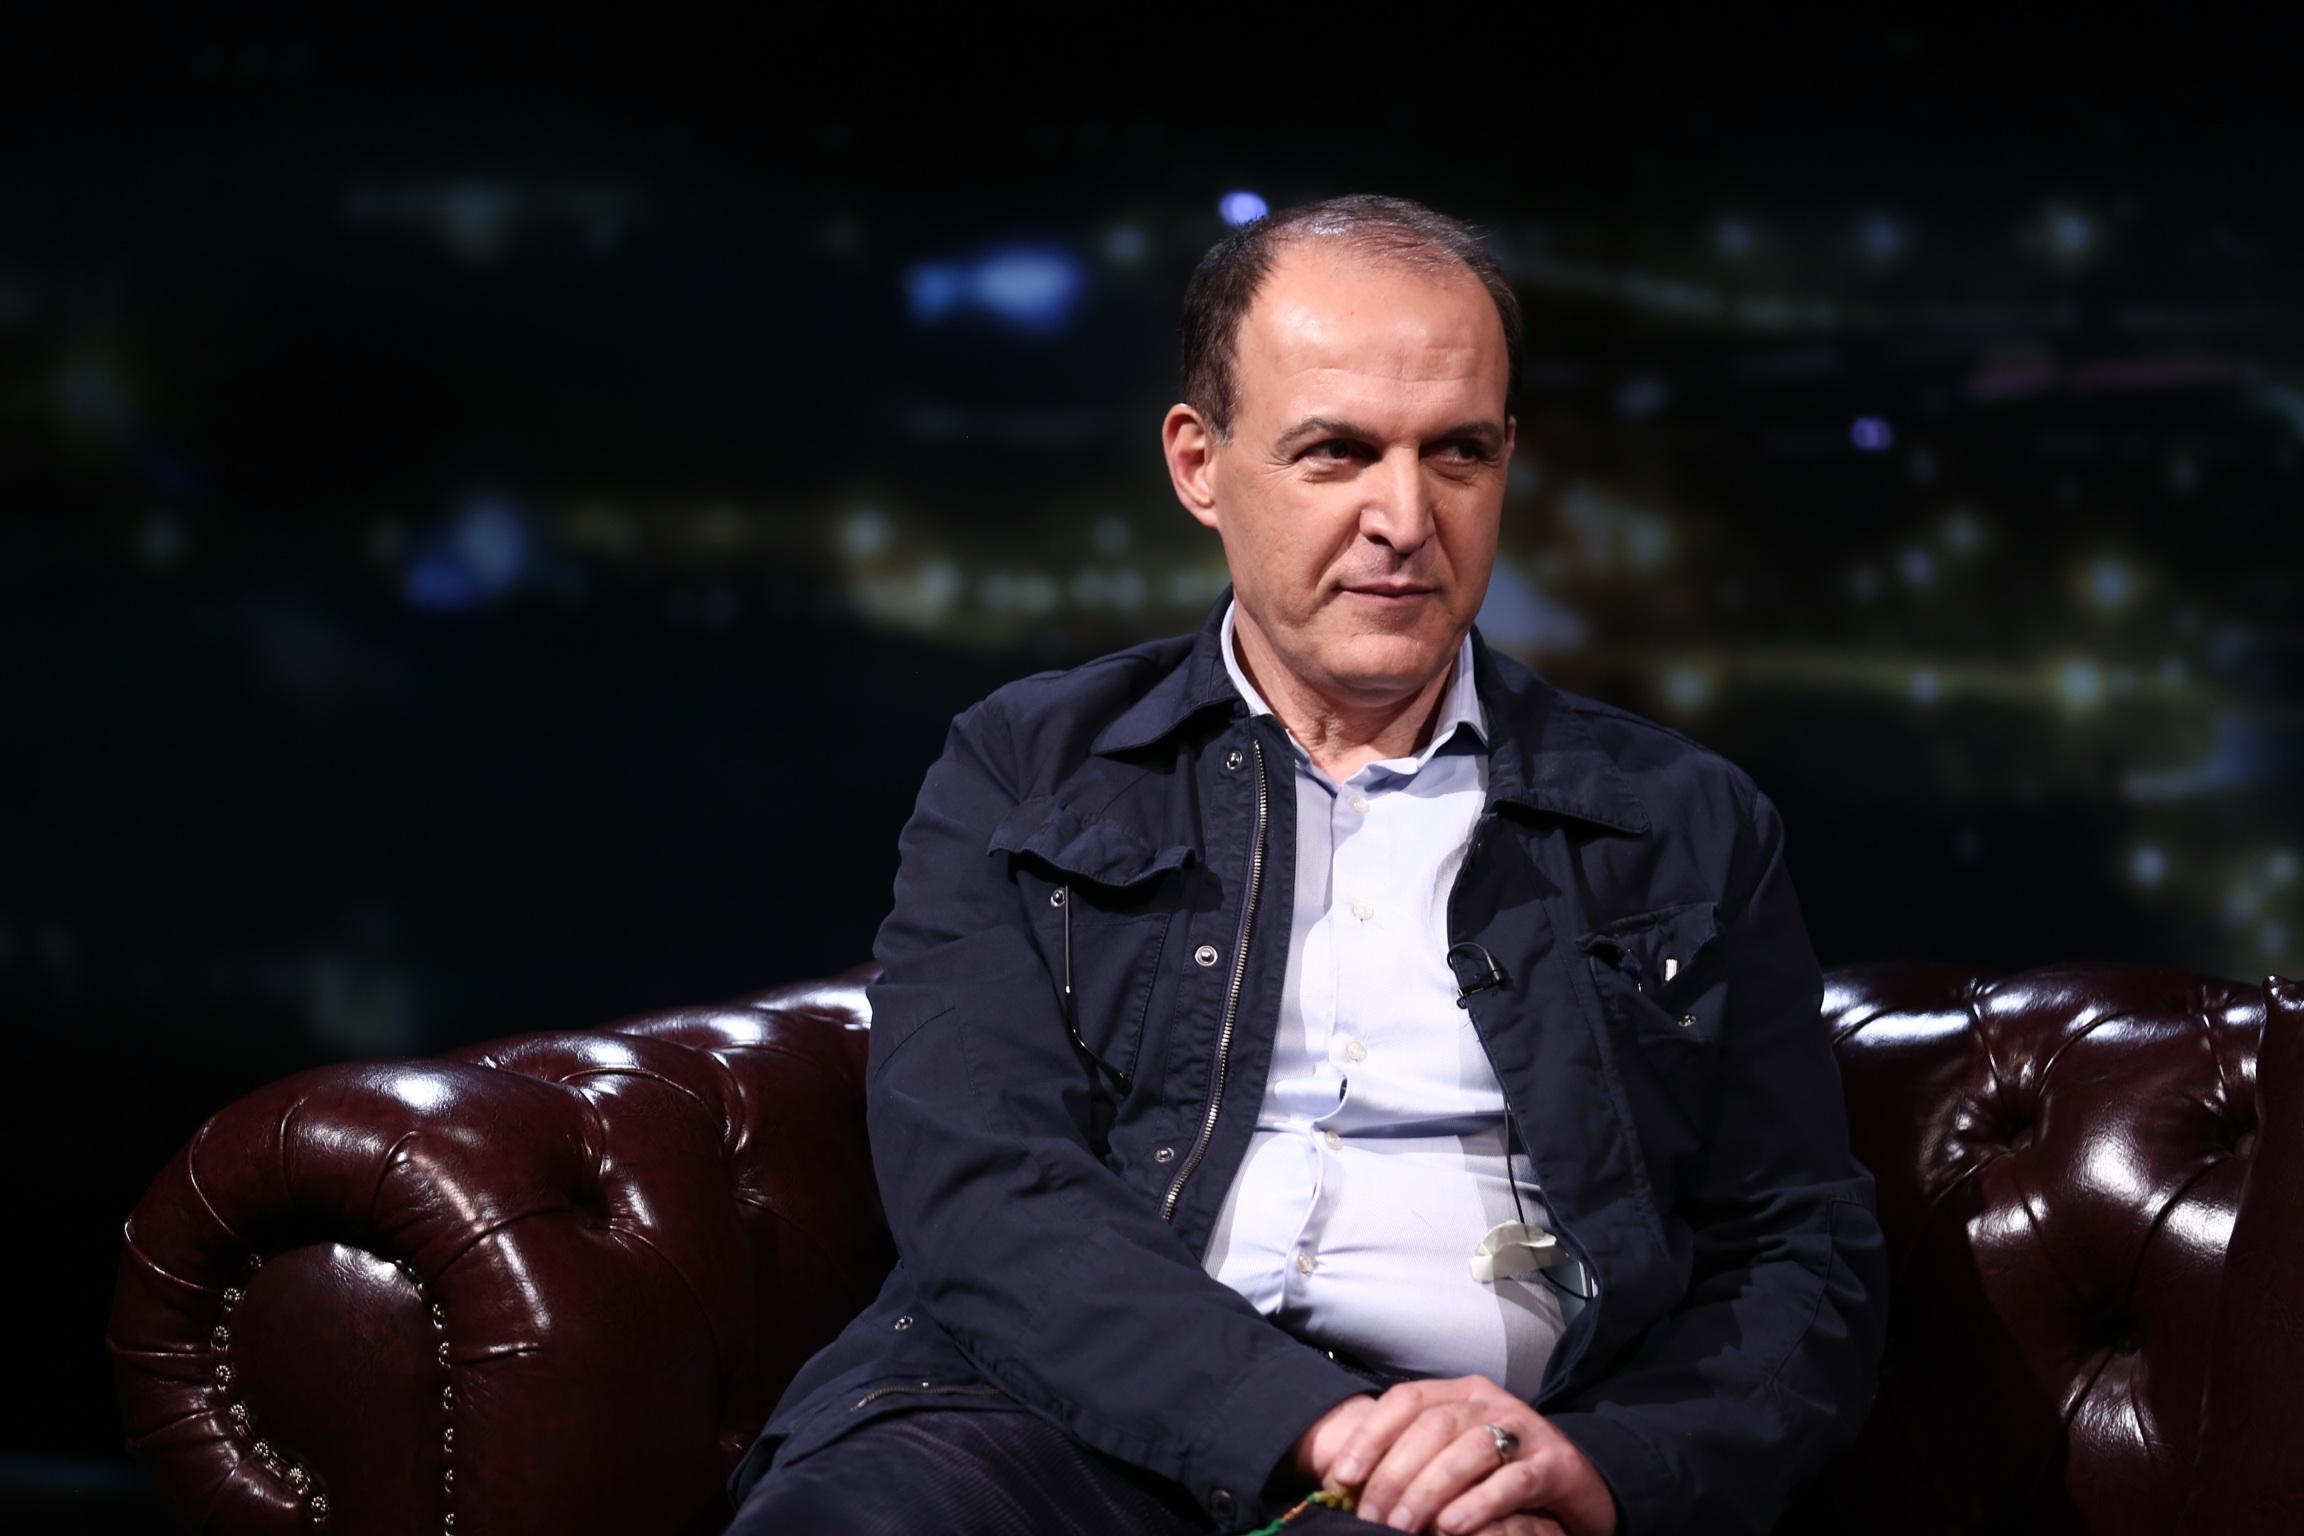 نظر عضو هیات انتخاب جشنواره فجر درباره فیلم های بخش سودای سیمرغ